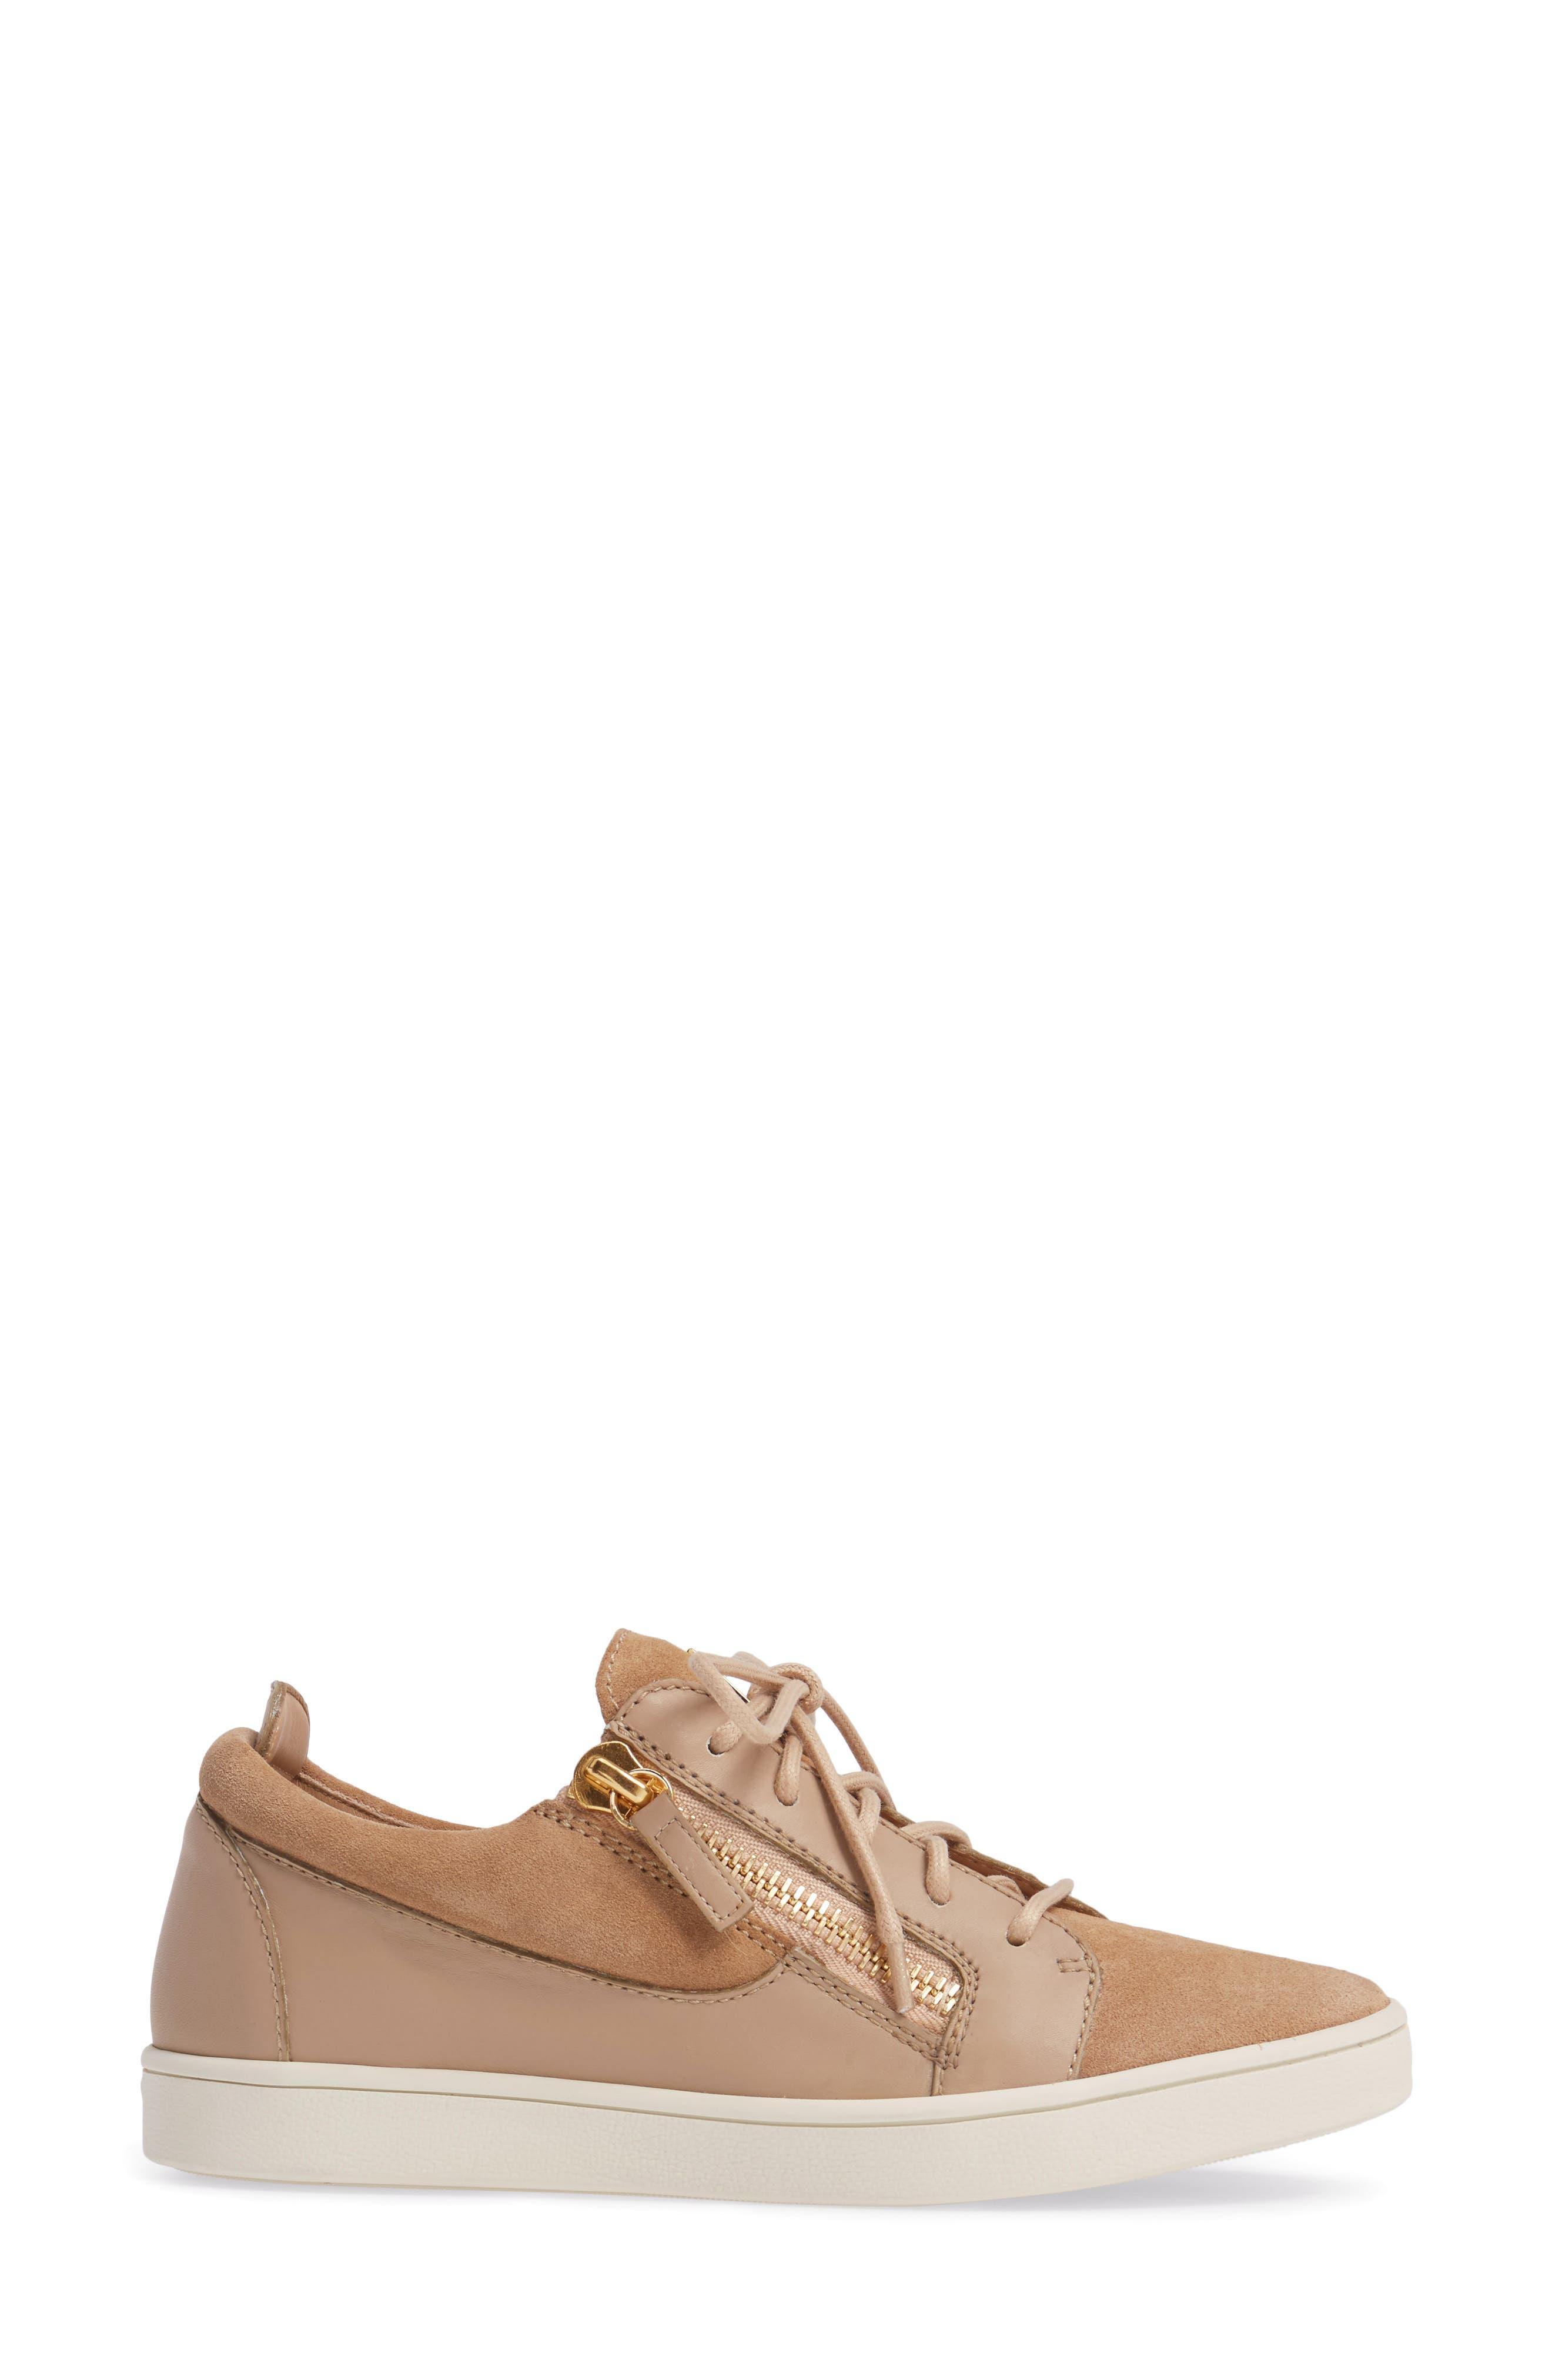 Low Top Zip Sneaker,                             Alternate thumbnail 3, color,                             250